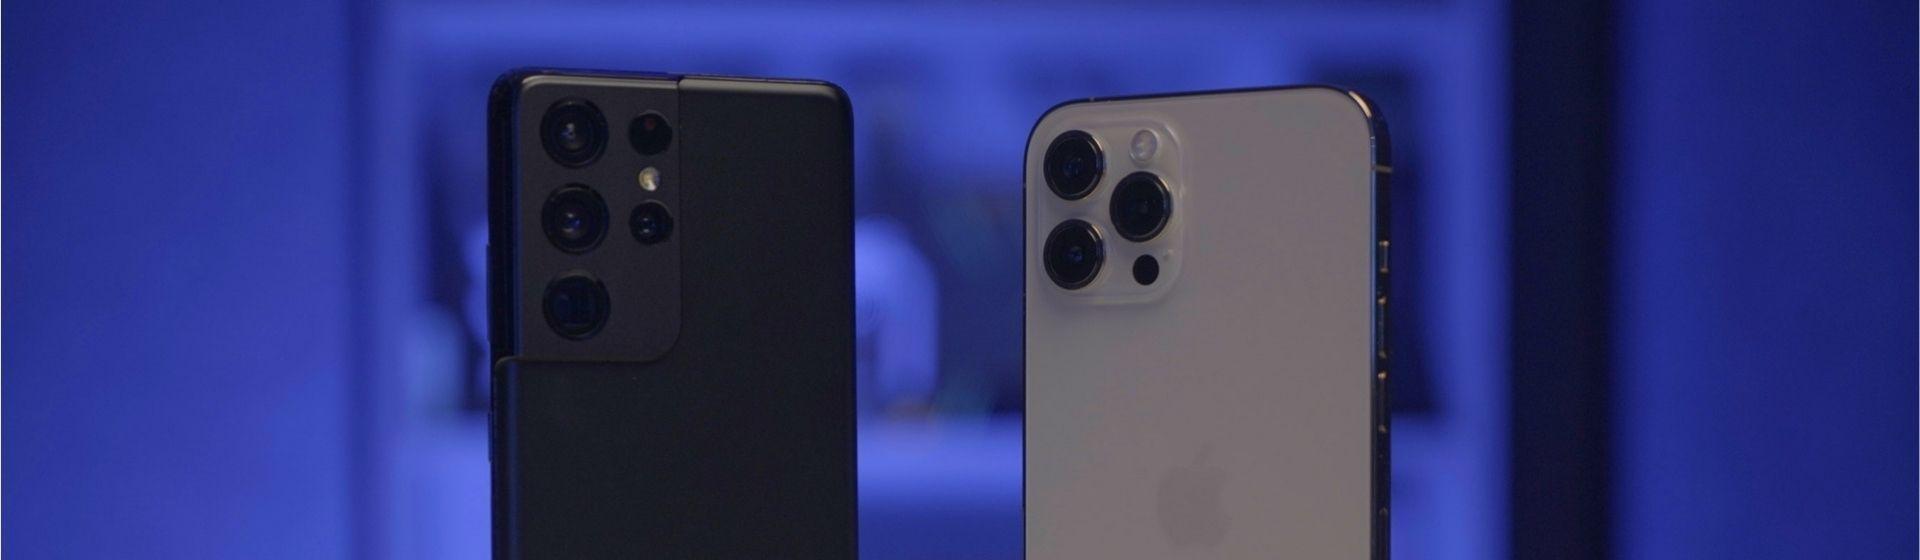 iPhone 12 Pro Max vs Galaxy S21 Ultra: qual é o melhor entre os dois?